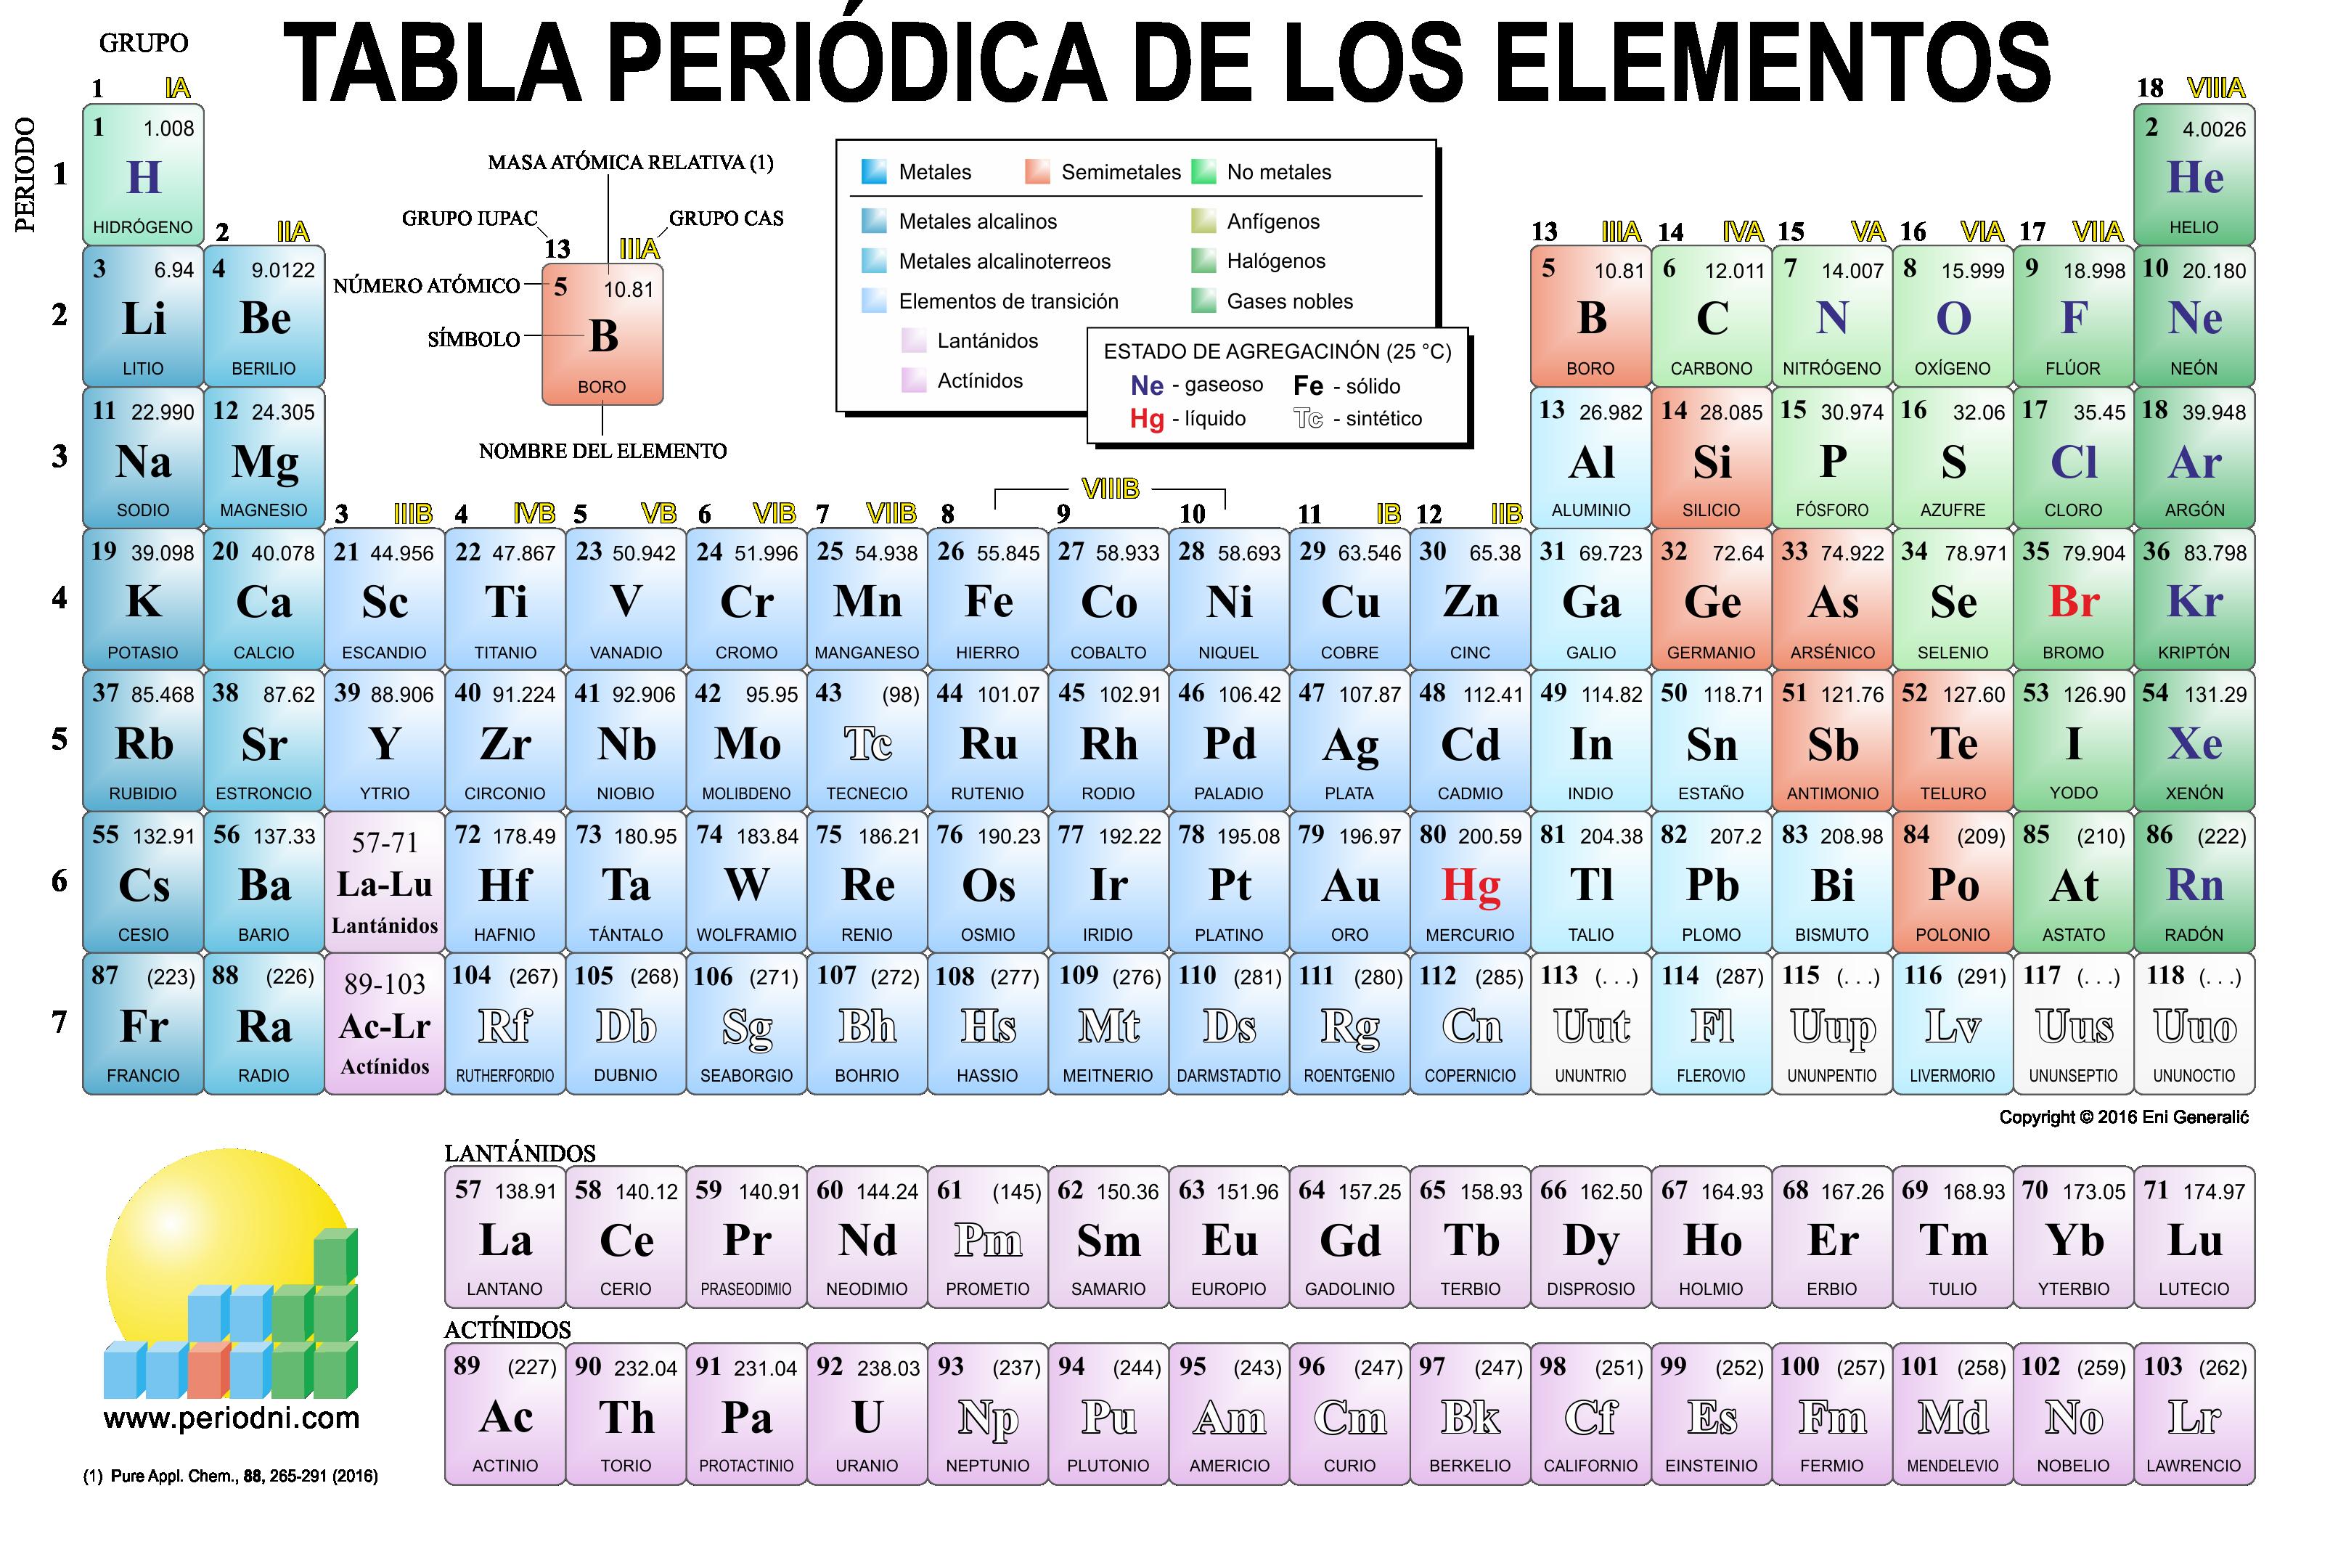 Tabla periodica completa y actualizada 2015 images periodic table tabla periodica de los elementos quimicos actualizada 2013 pdf image tabla periodica completa pdf 2015 gallery urtaz Image collections